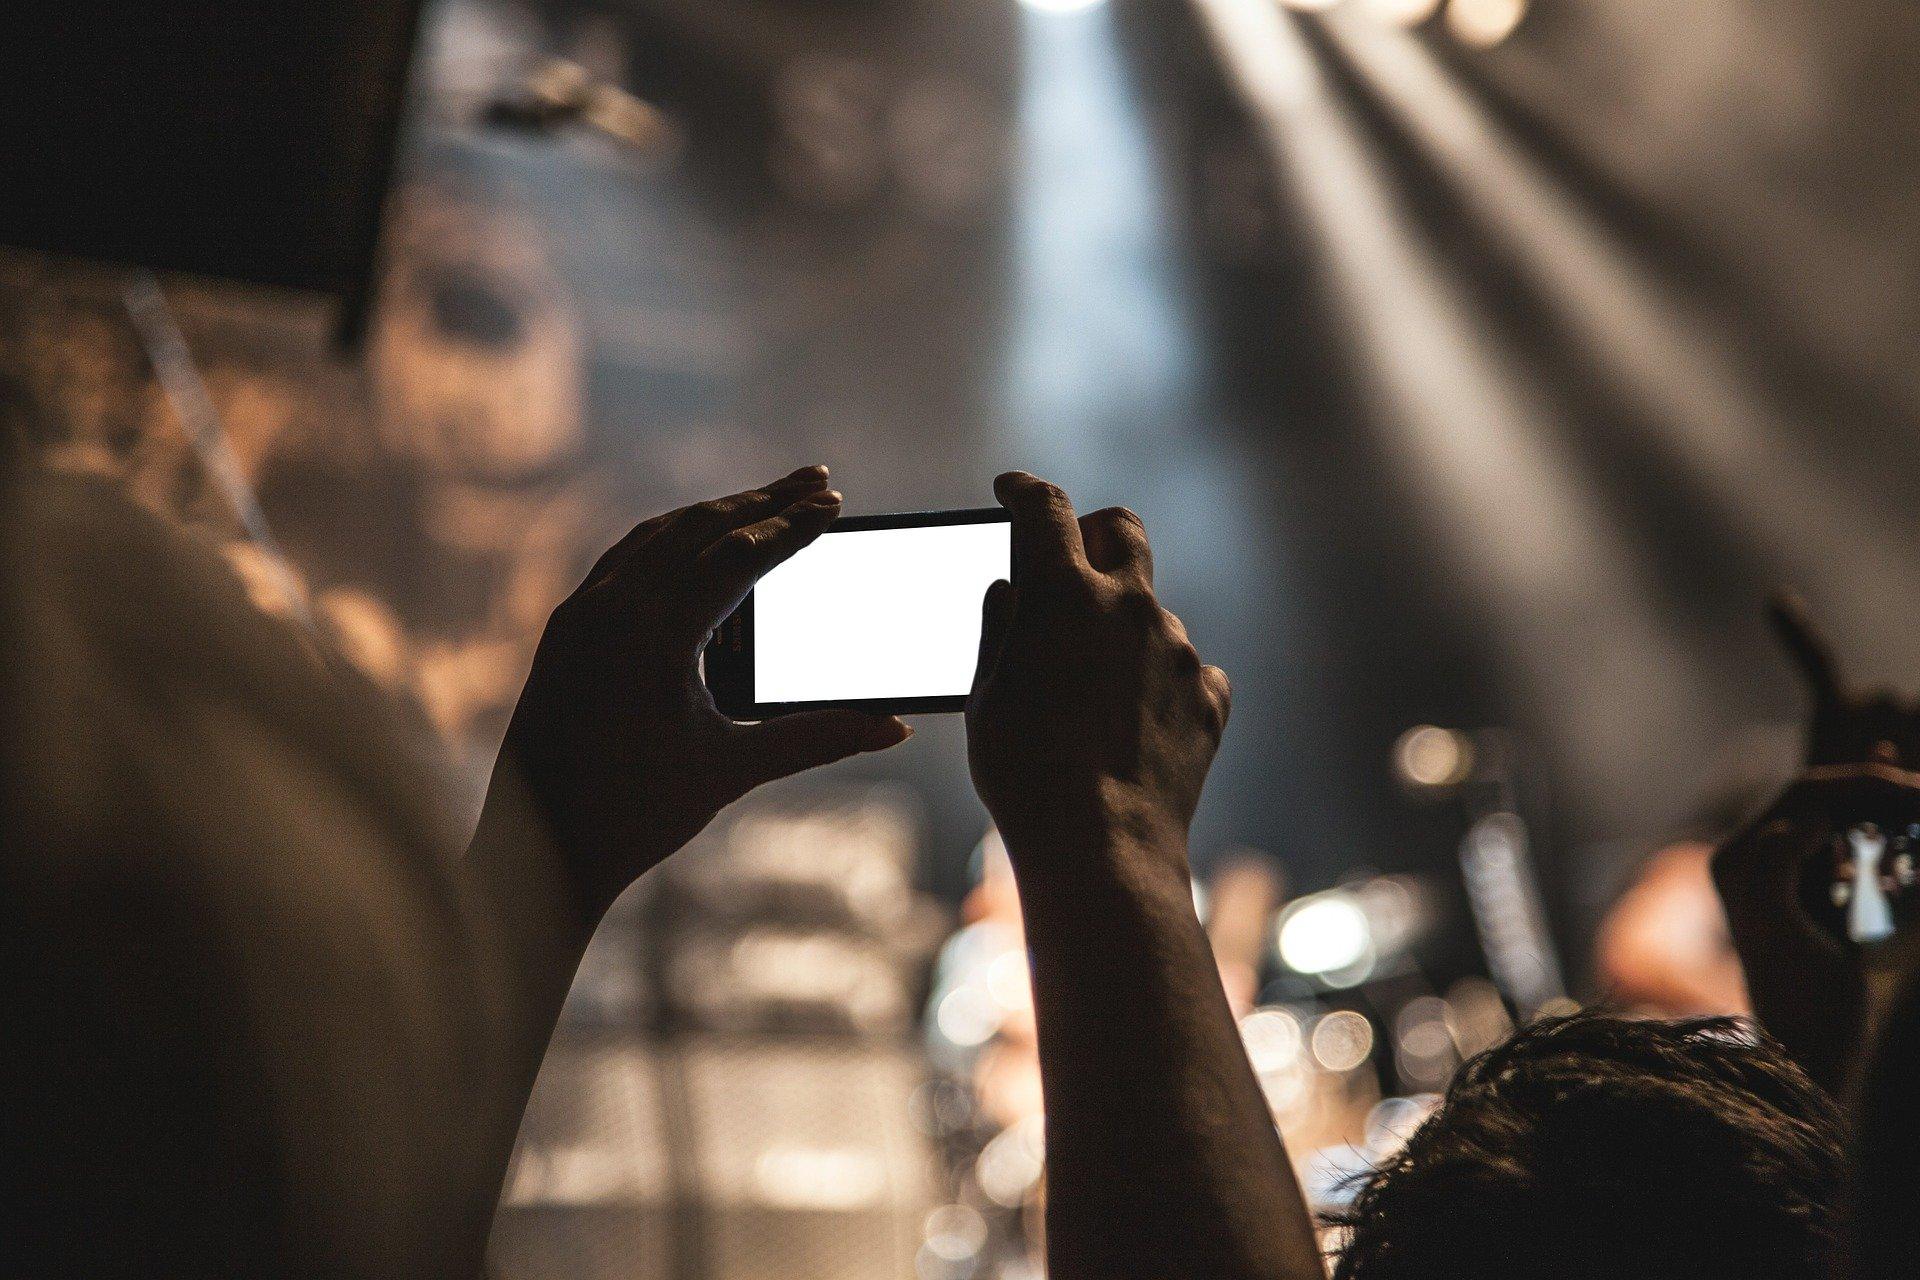 Descubre Como Recuperar Fotos Borradas Del Celular